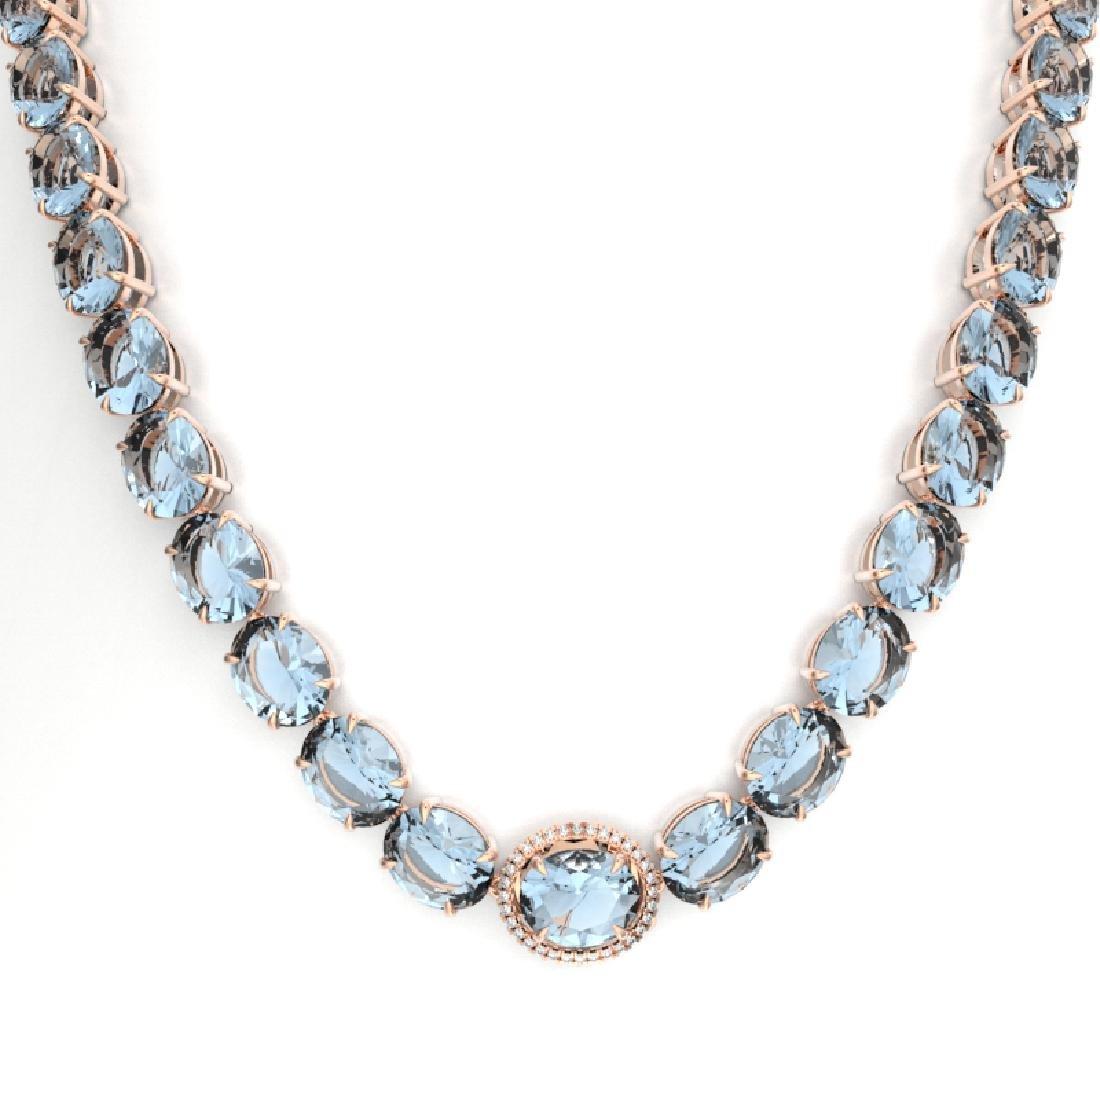 136 CTW Aquamarine & VS/SI Diamond Necklace 14K Rose - 2